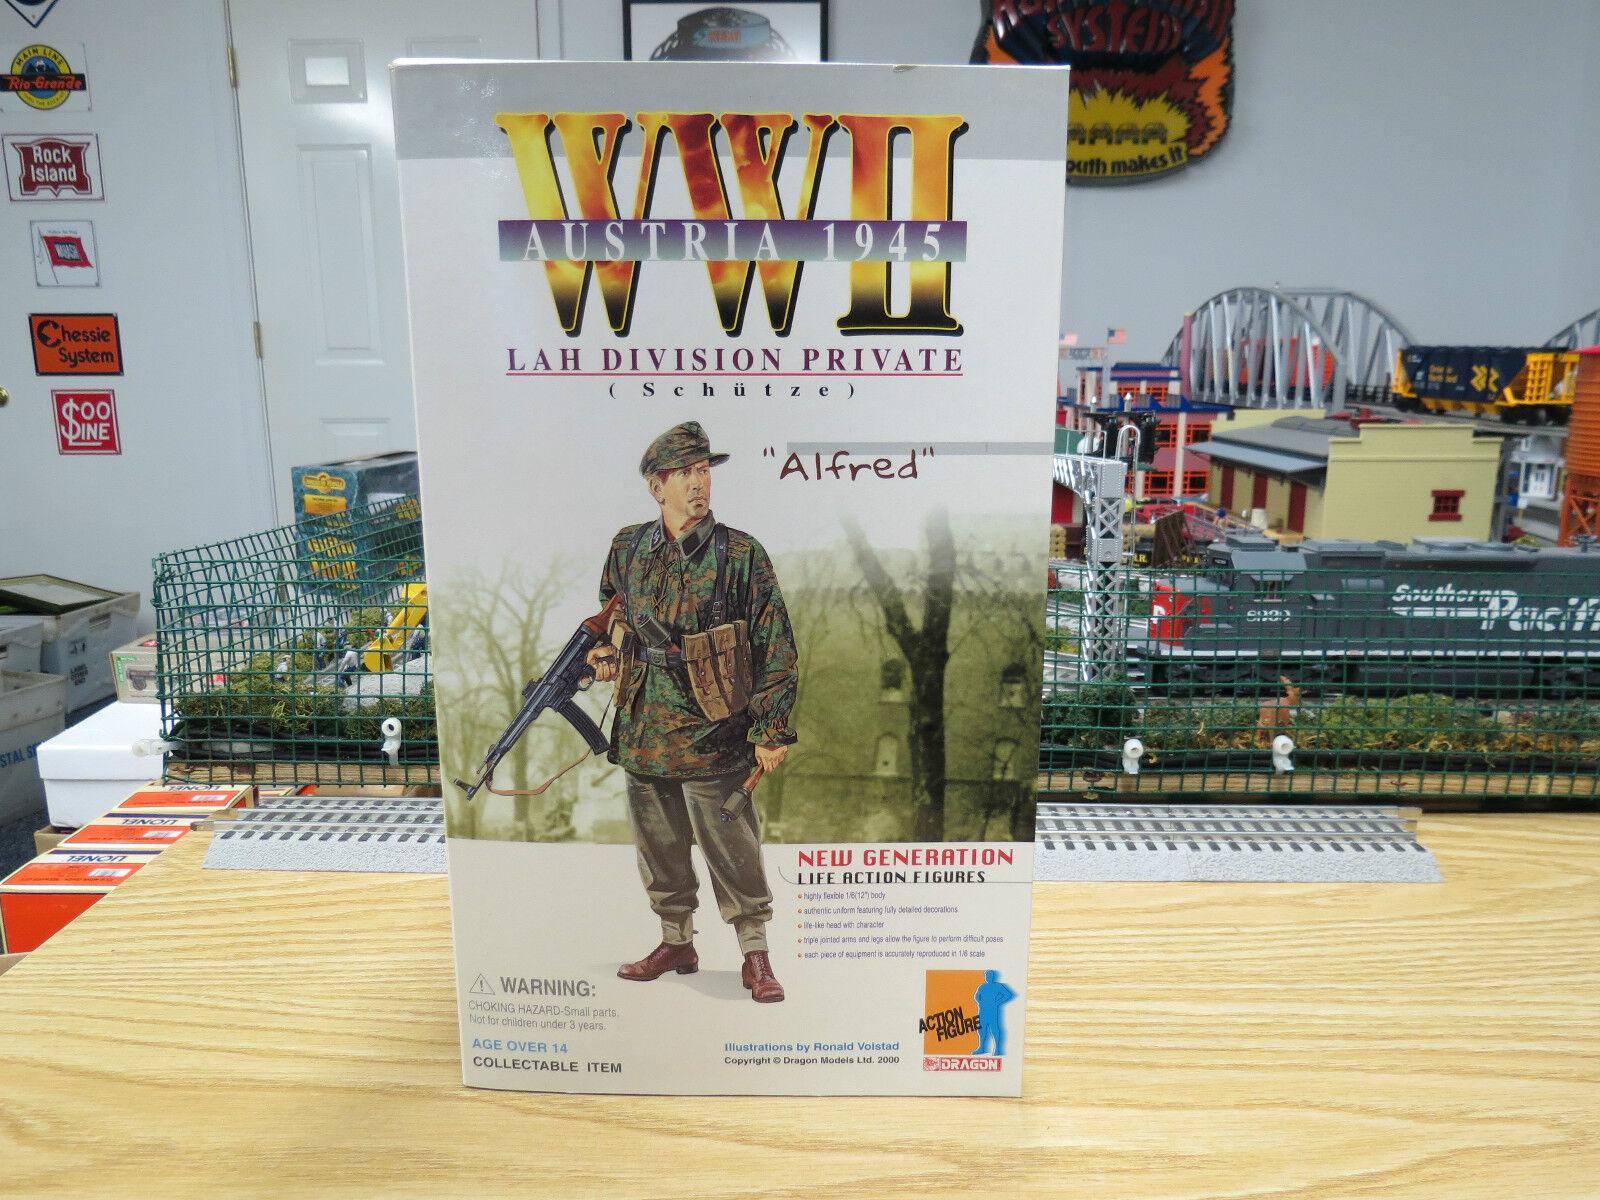 Dragon Rare WW II Austria1945 LAH Division Private ( Schutze )   Alfred  , New